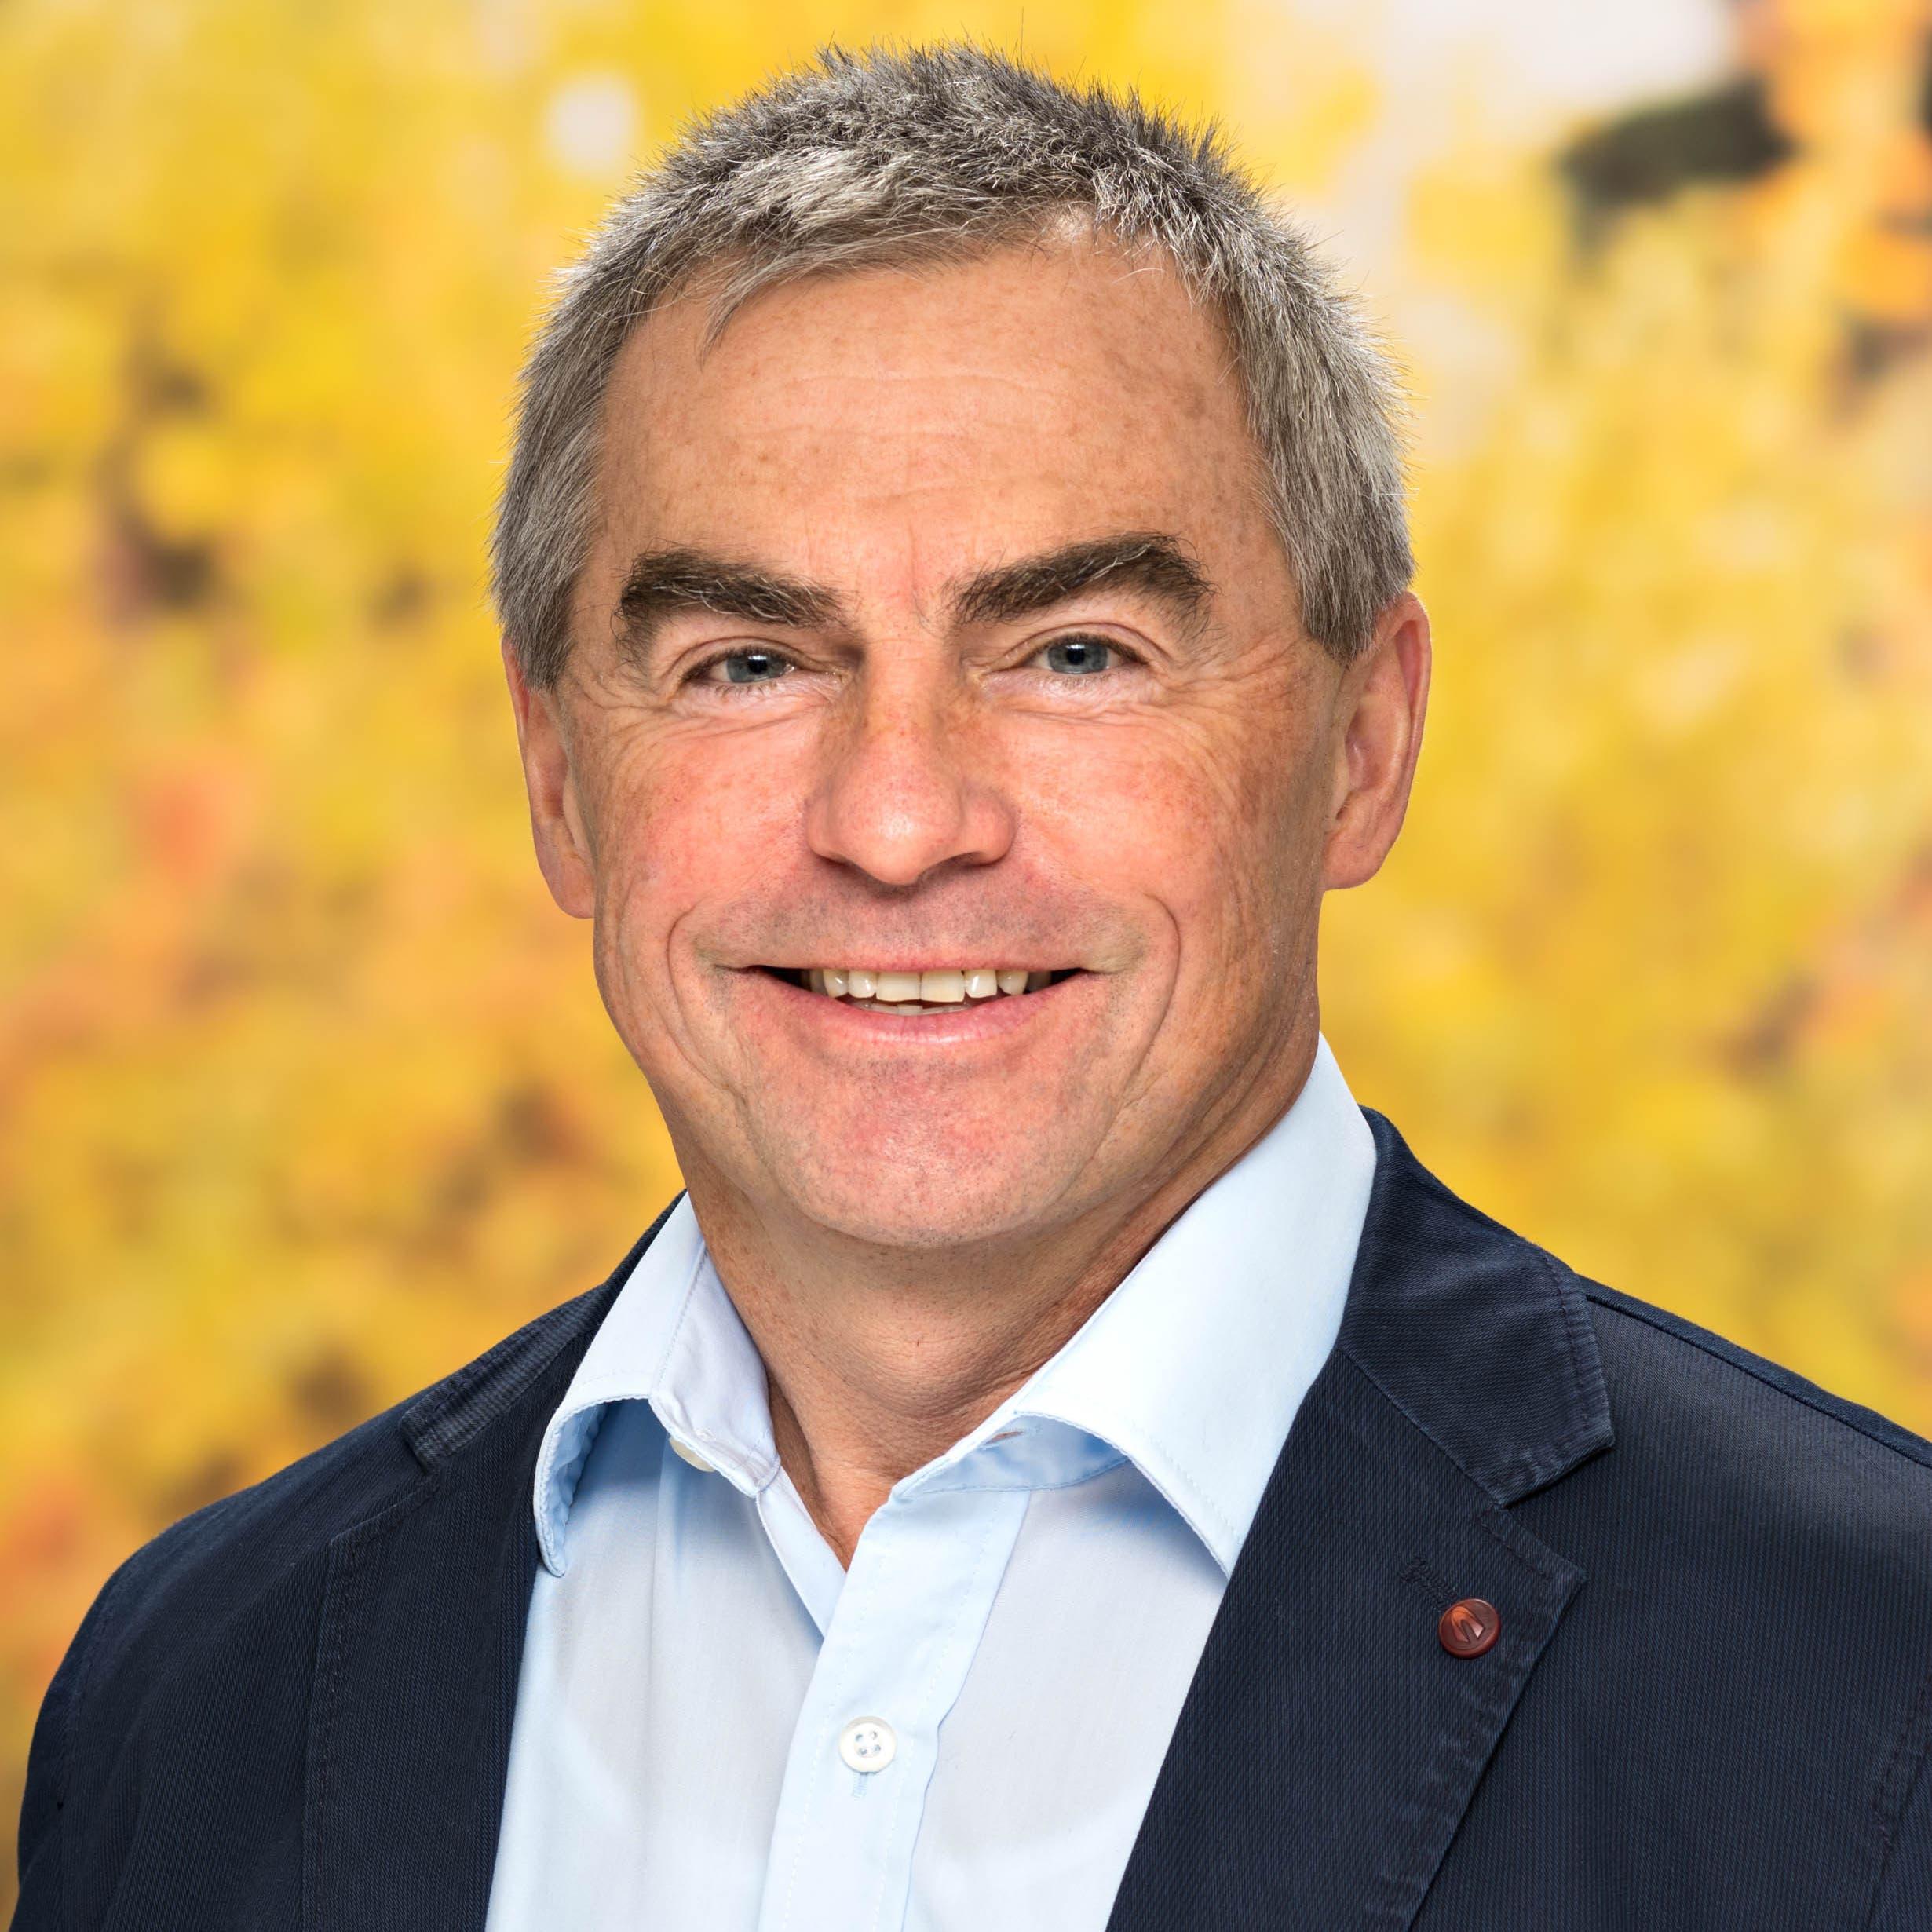 Josef Gemperle, CVP, bisher